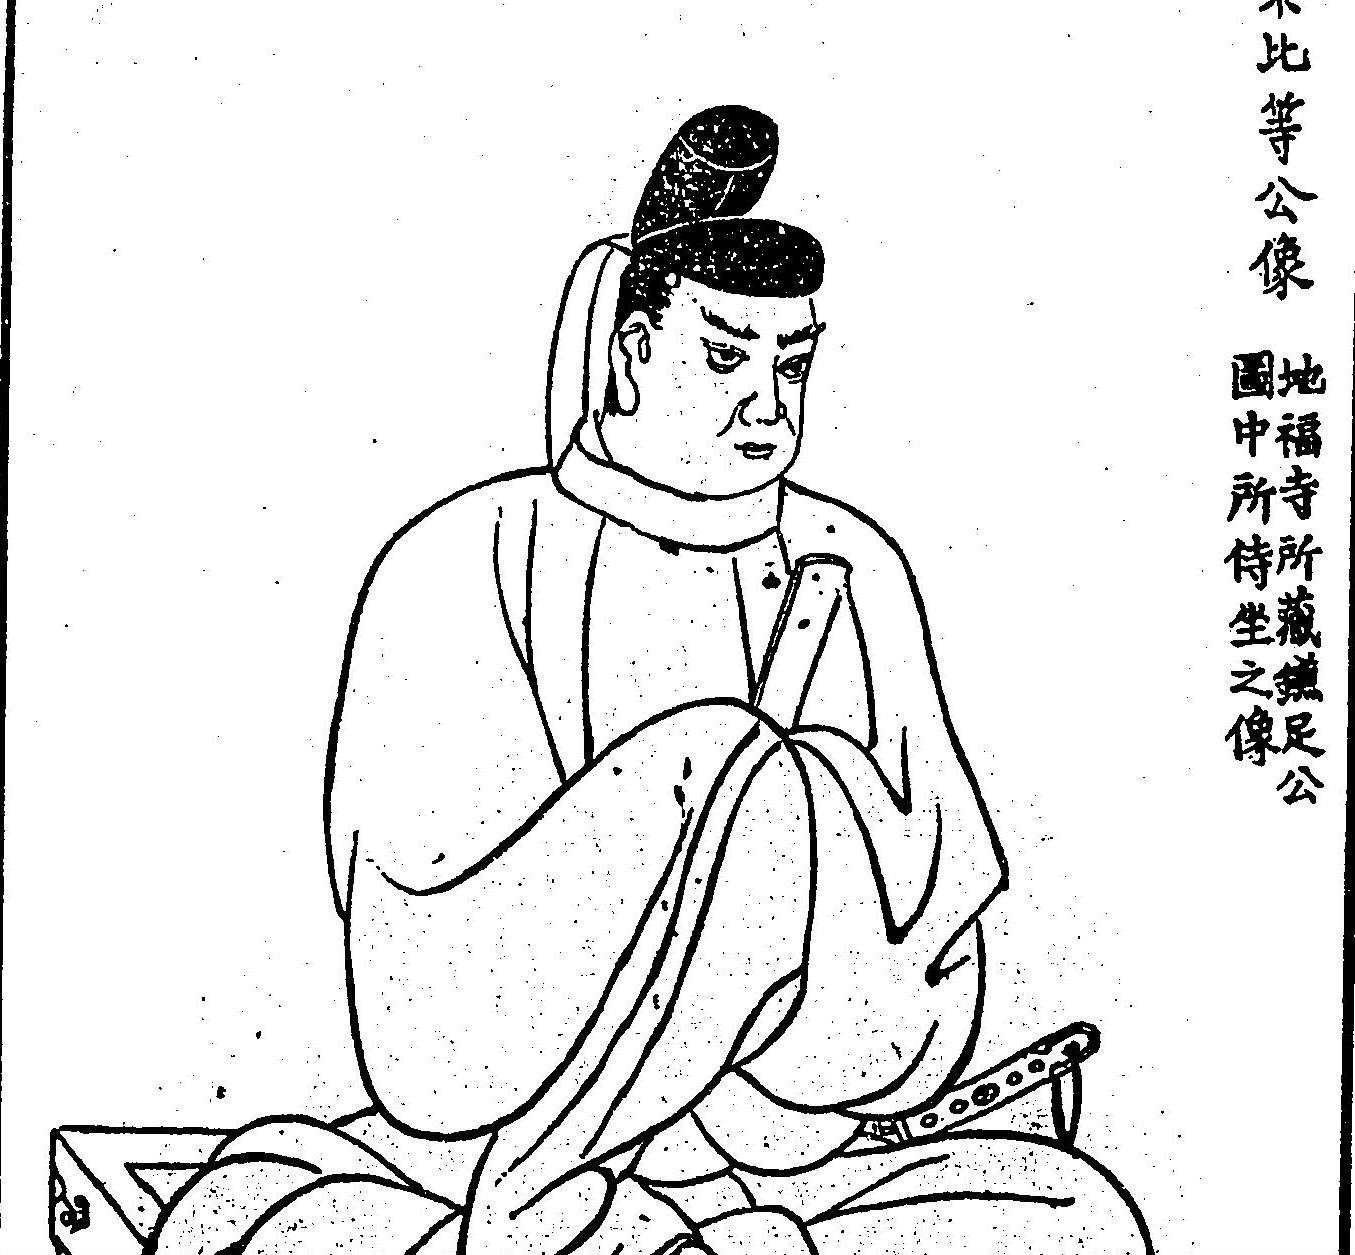 『日本書紀』を編纂した中心人物・藤原不比等の意図とは